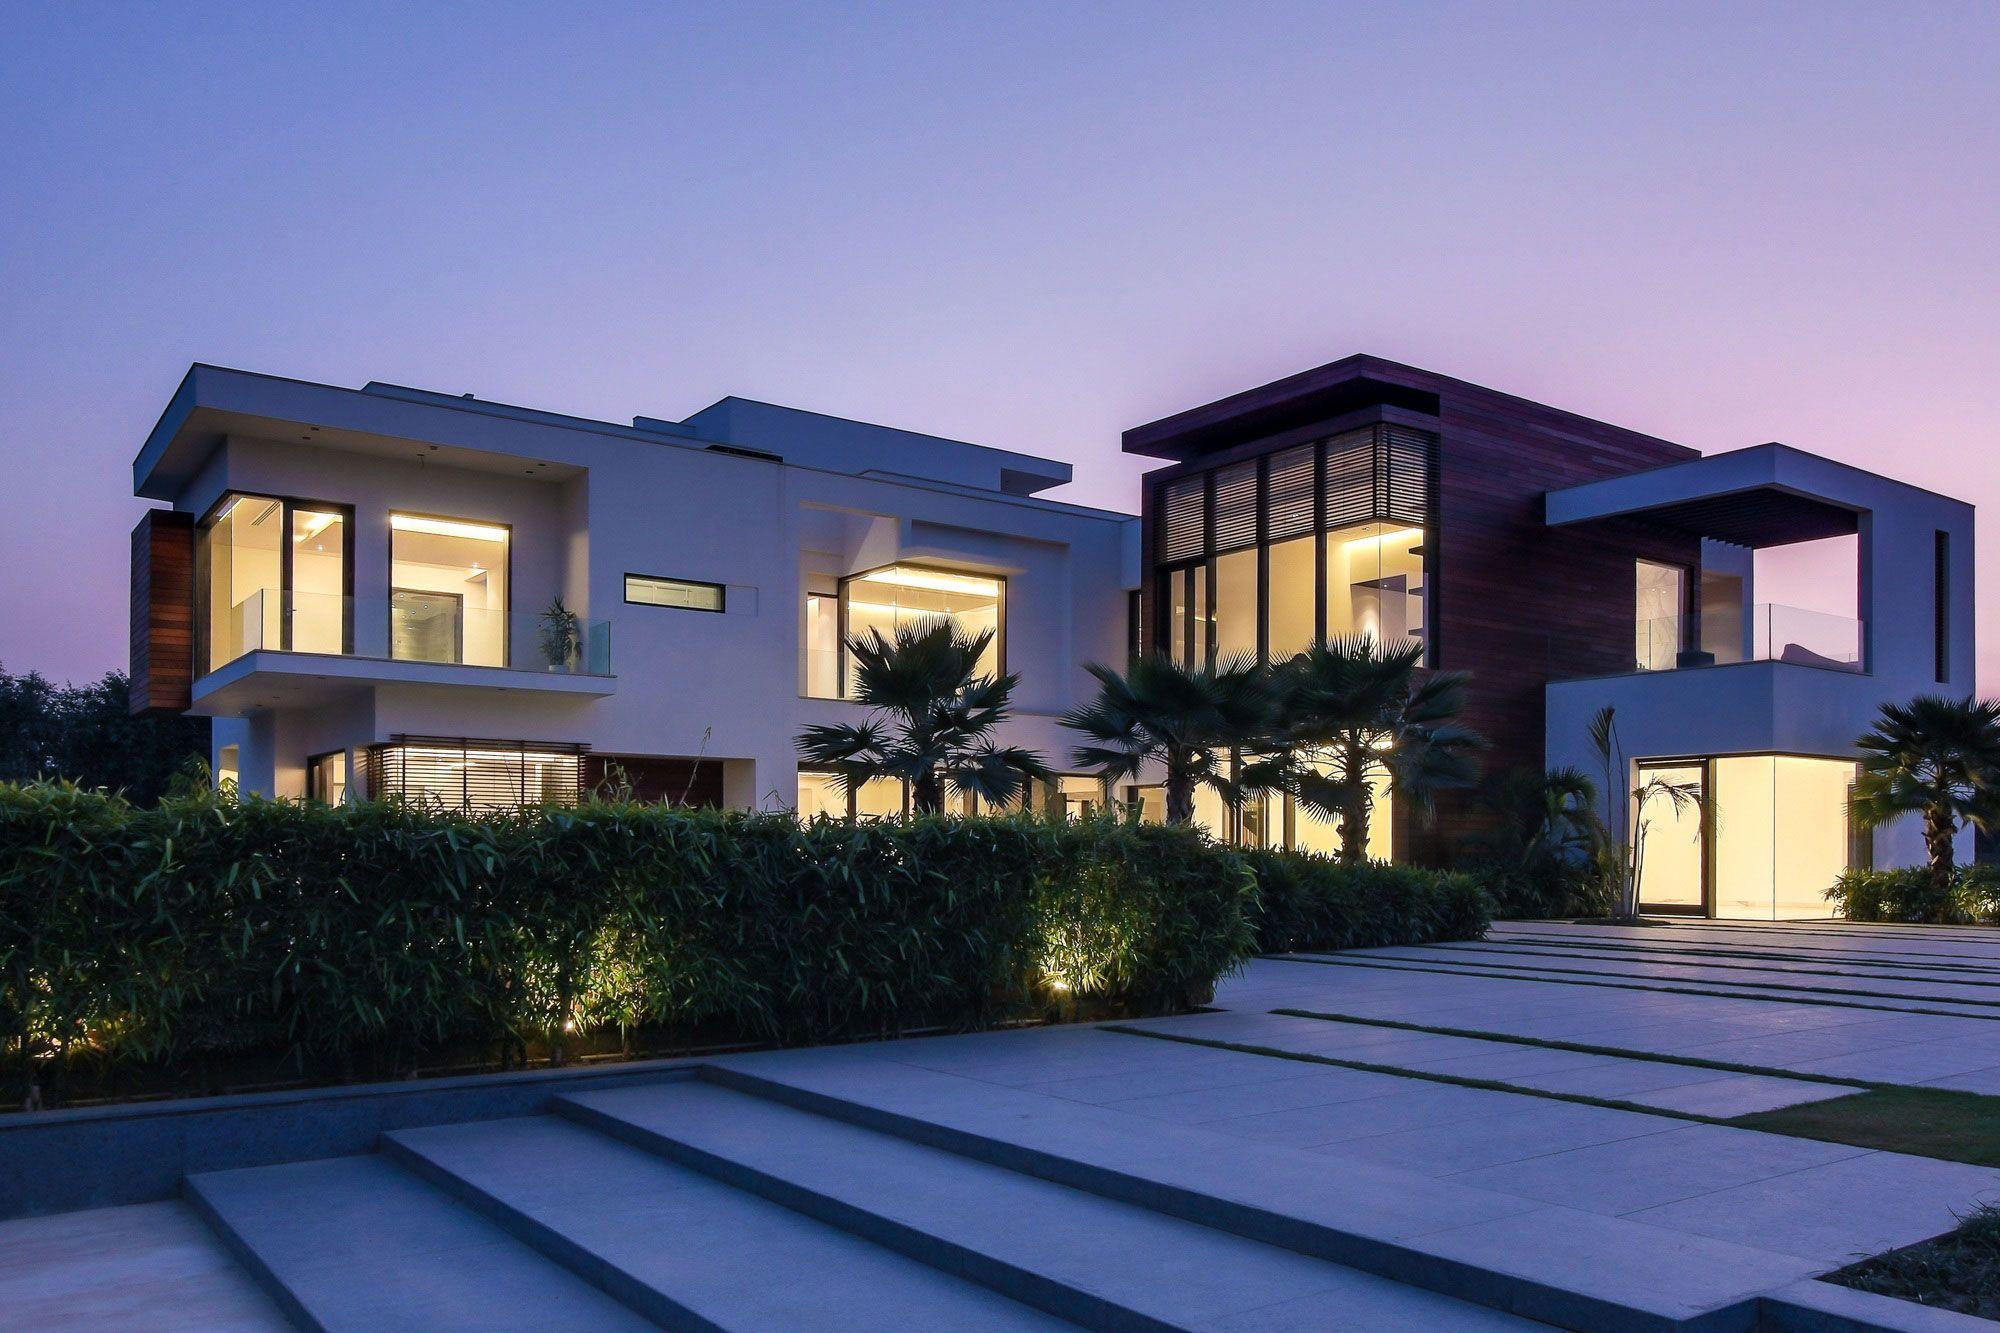 exterior design - Architecture Design For Home In Delhi